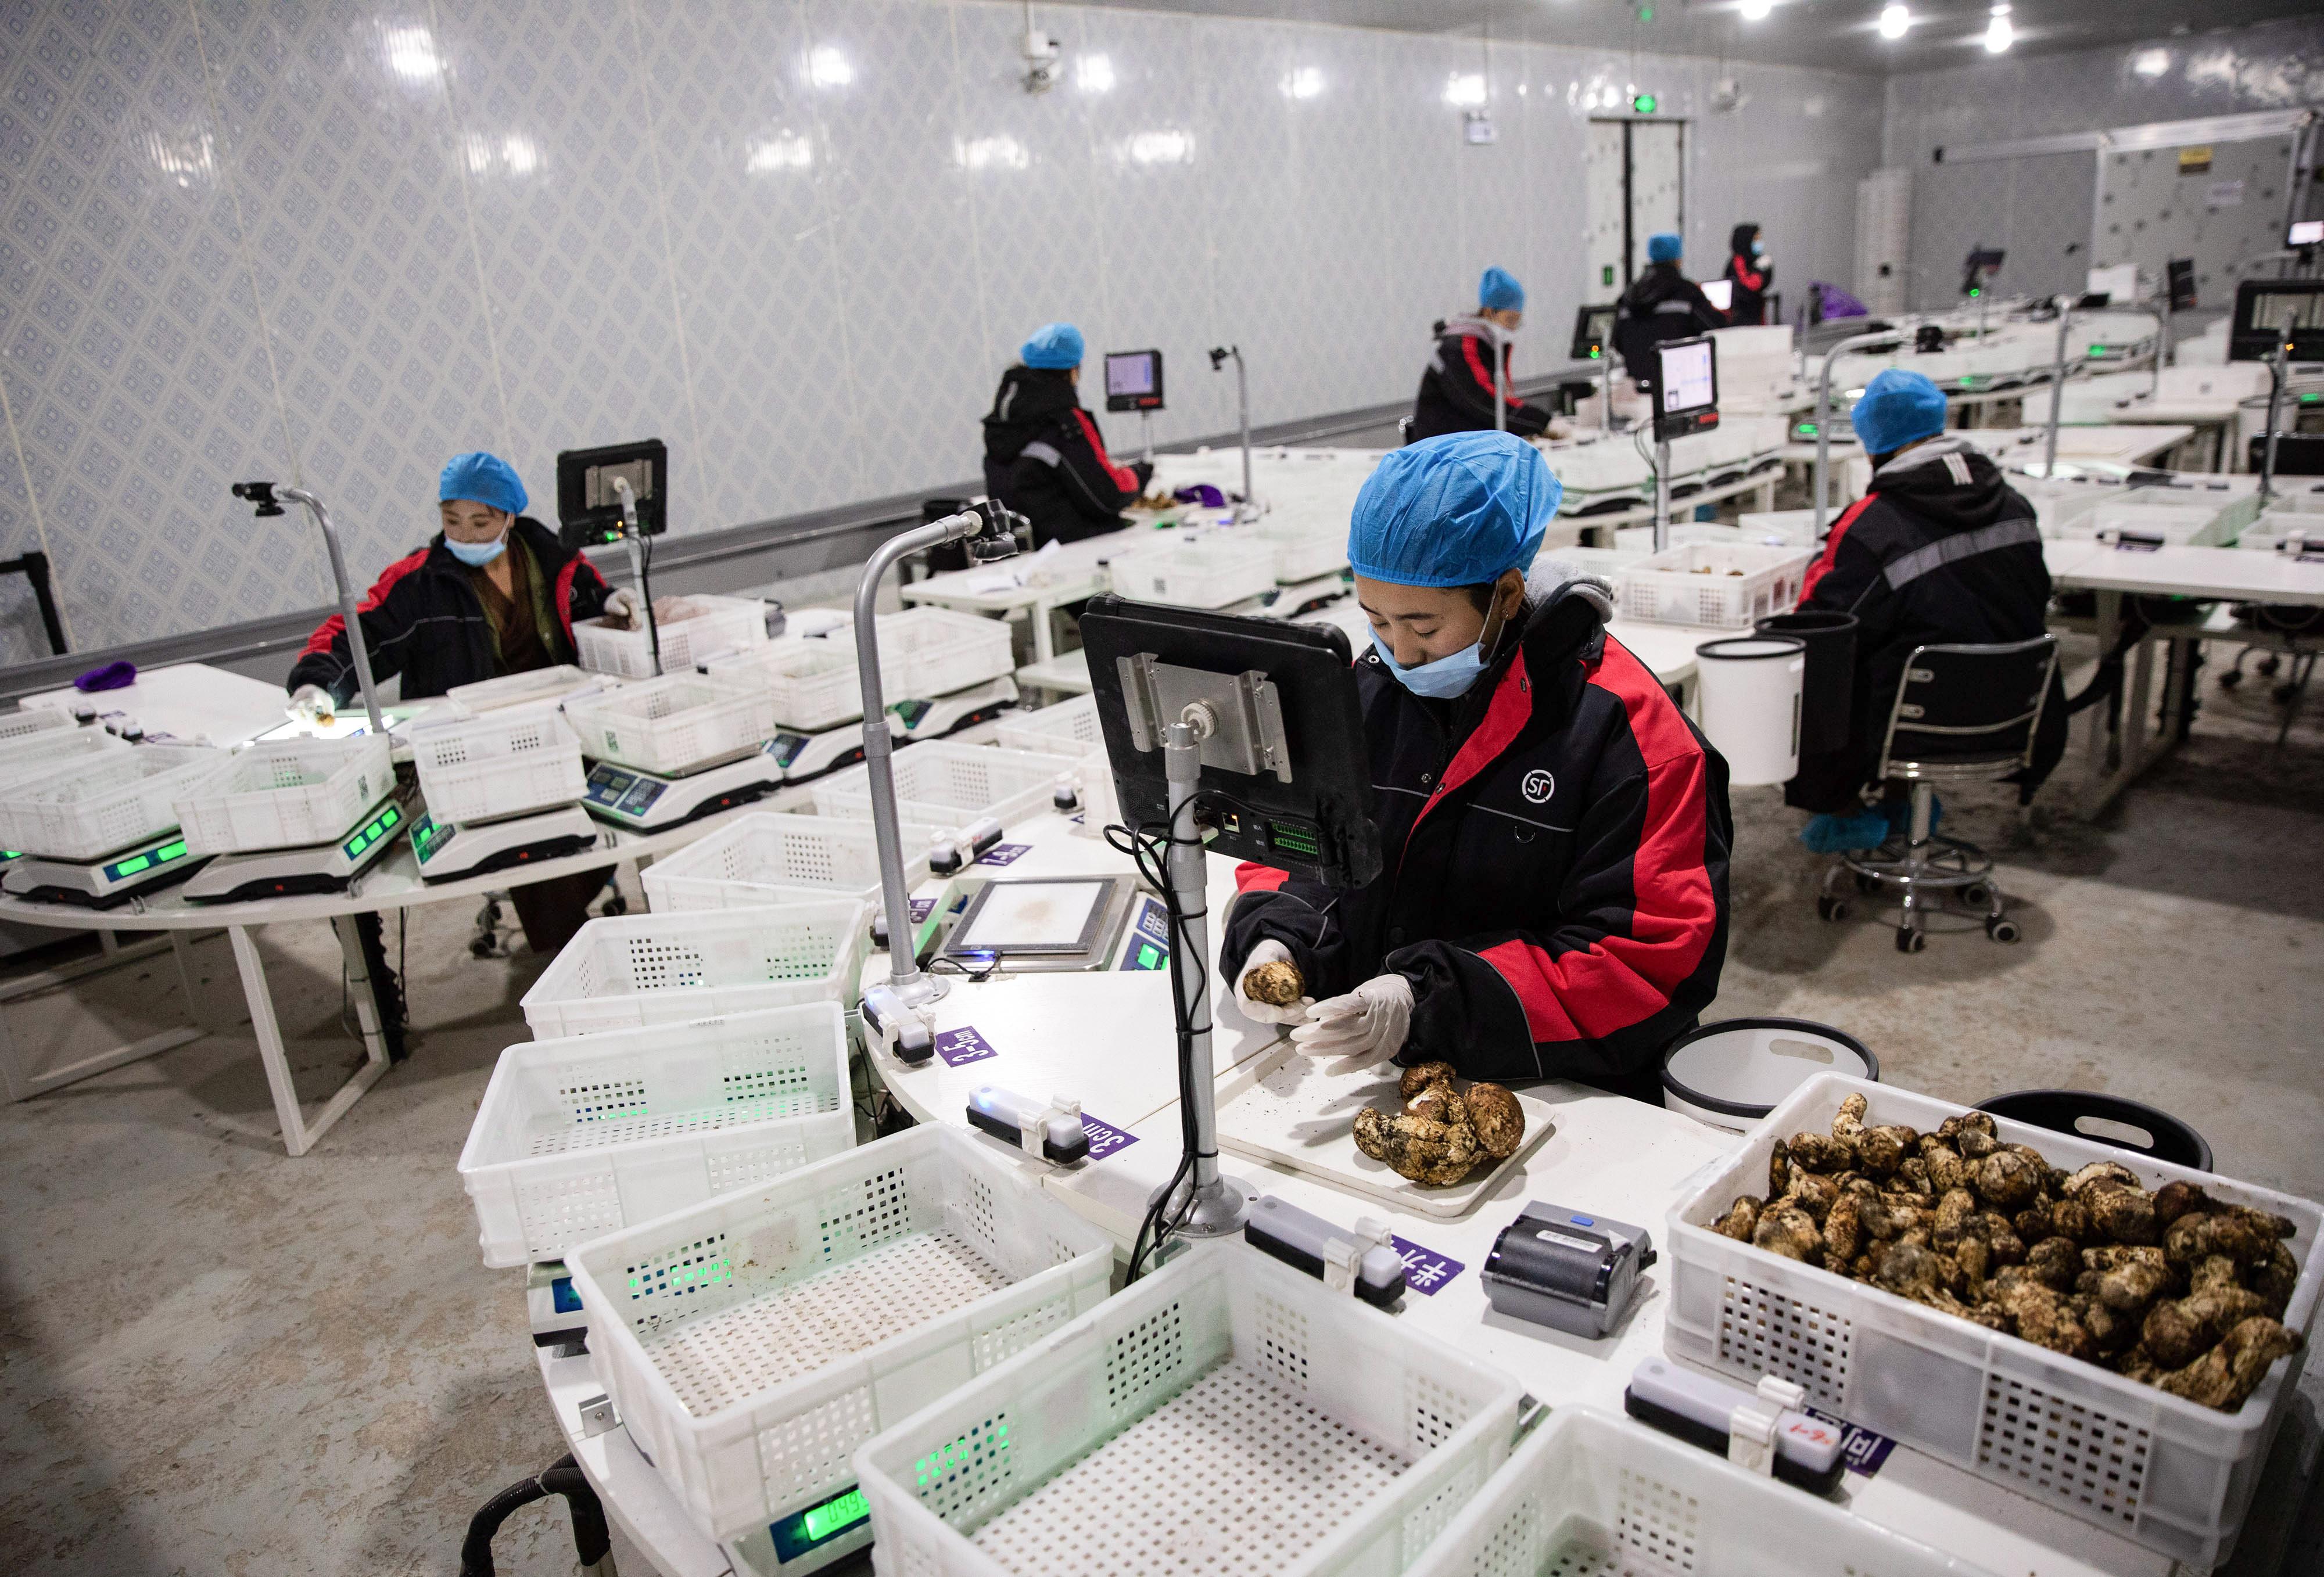 8月4日,在雅江县松茸产业园区顺丰松茸预处理中心,雅江县八角楼乡帕姆岭村的藏族姑娘色佳在分拣松茸。新华社记者 江宏景 摄